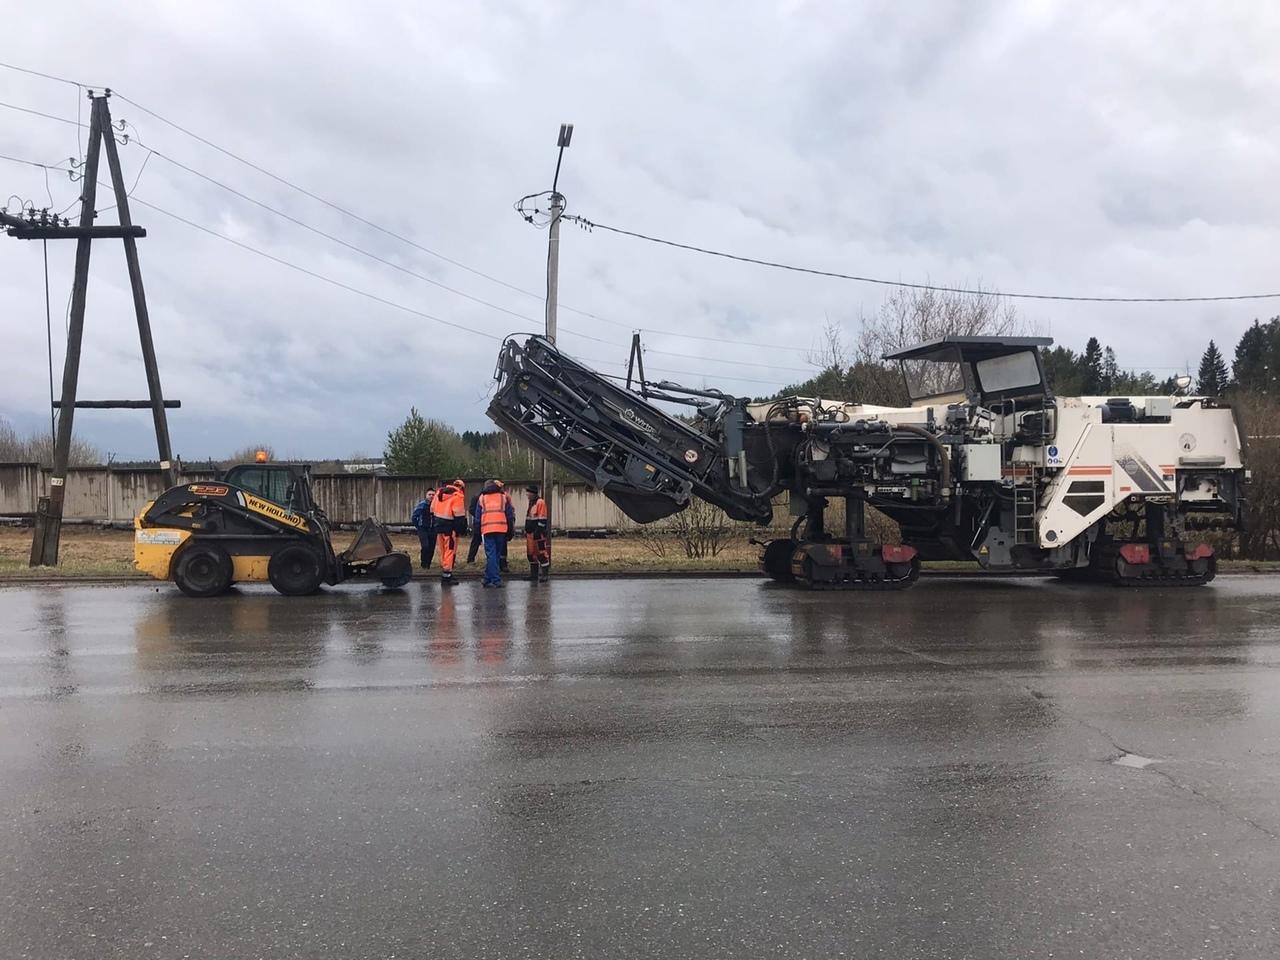 В Кирово-Чепецке начался ремонт дороги на улице 60 лет Октября стоимостью 54,7 млн рублей